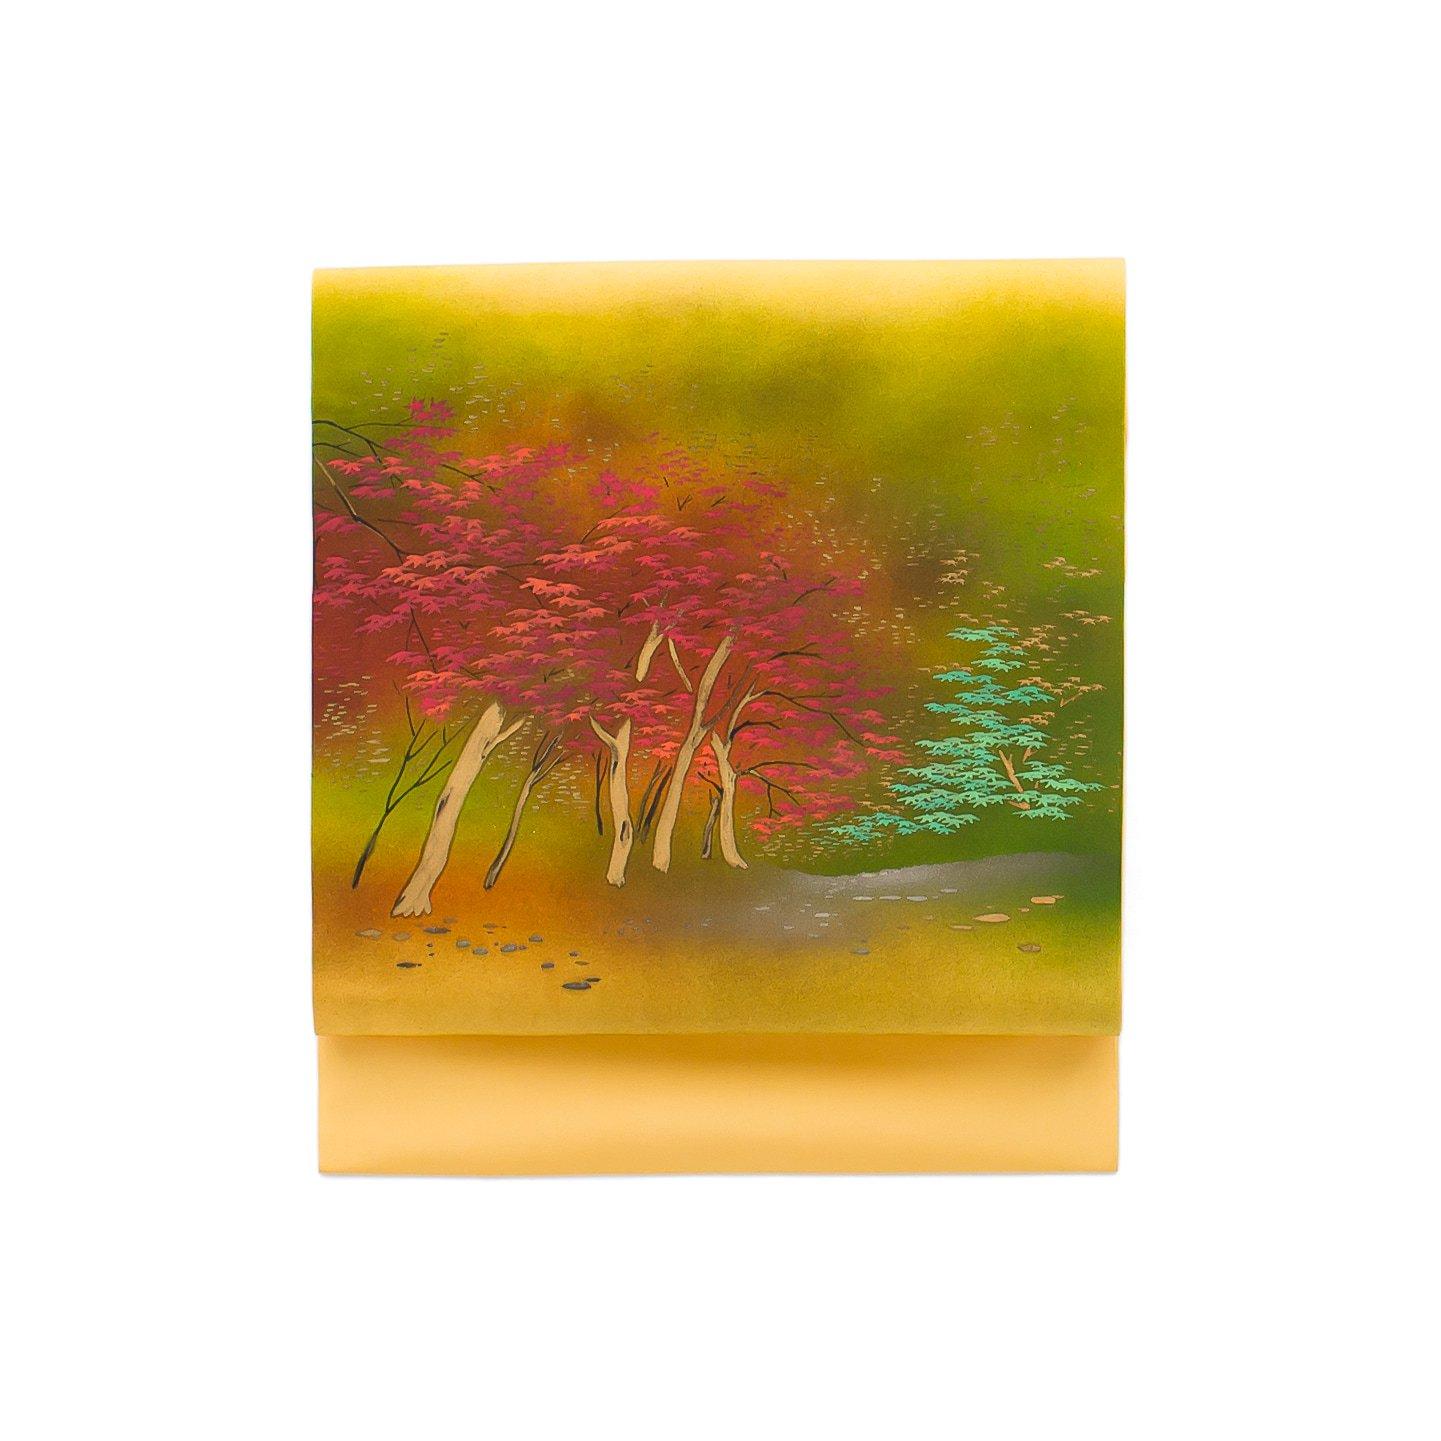 「塩瀬 紅葉の木」の商品画像